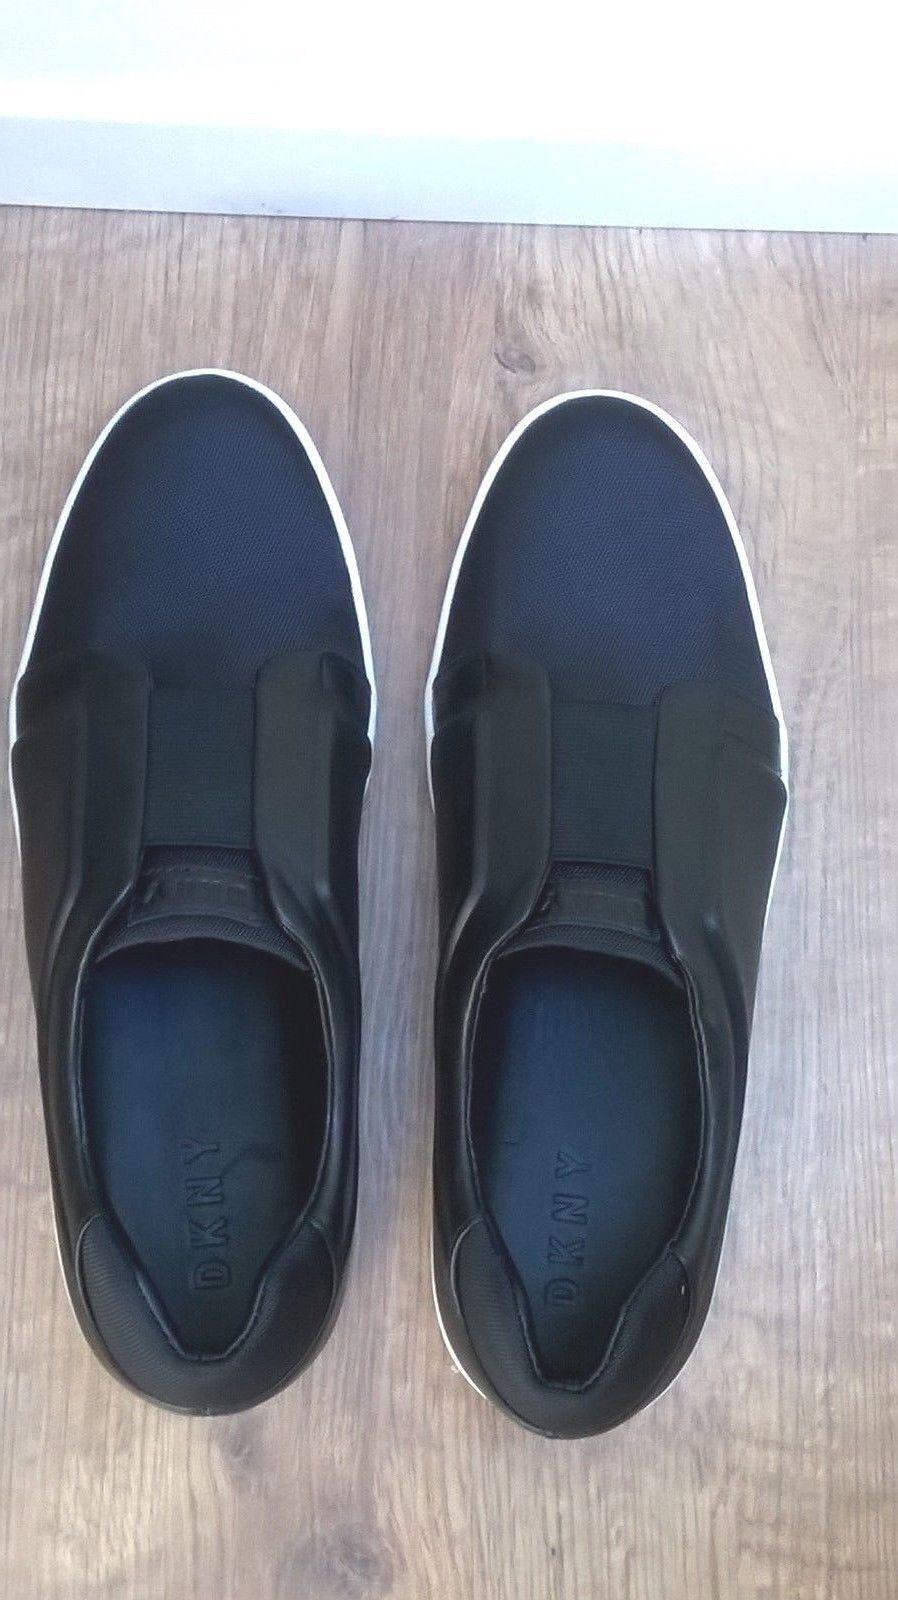 DKNY Black Leather Bobbi Slip On Trainer - Size UK 7 (US 9.5) New w o Box